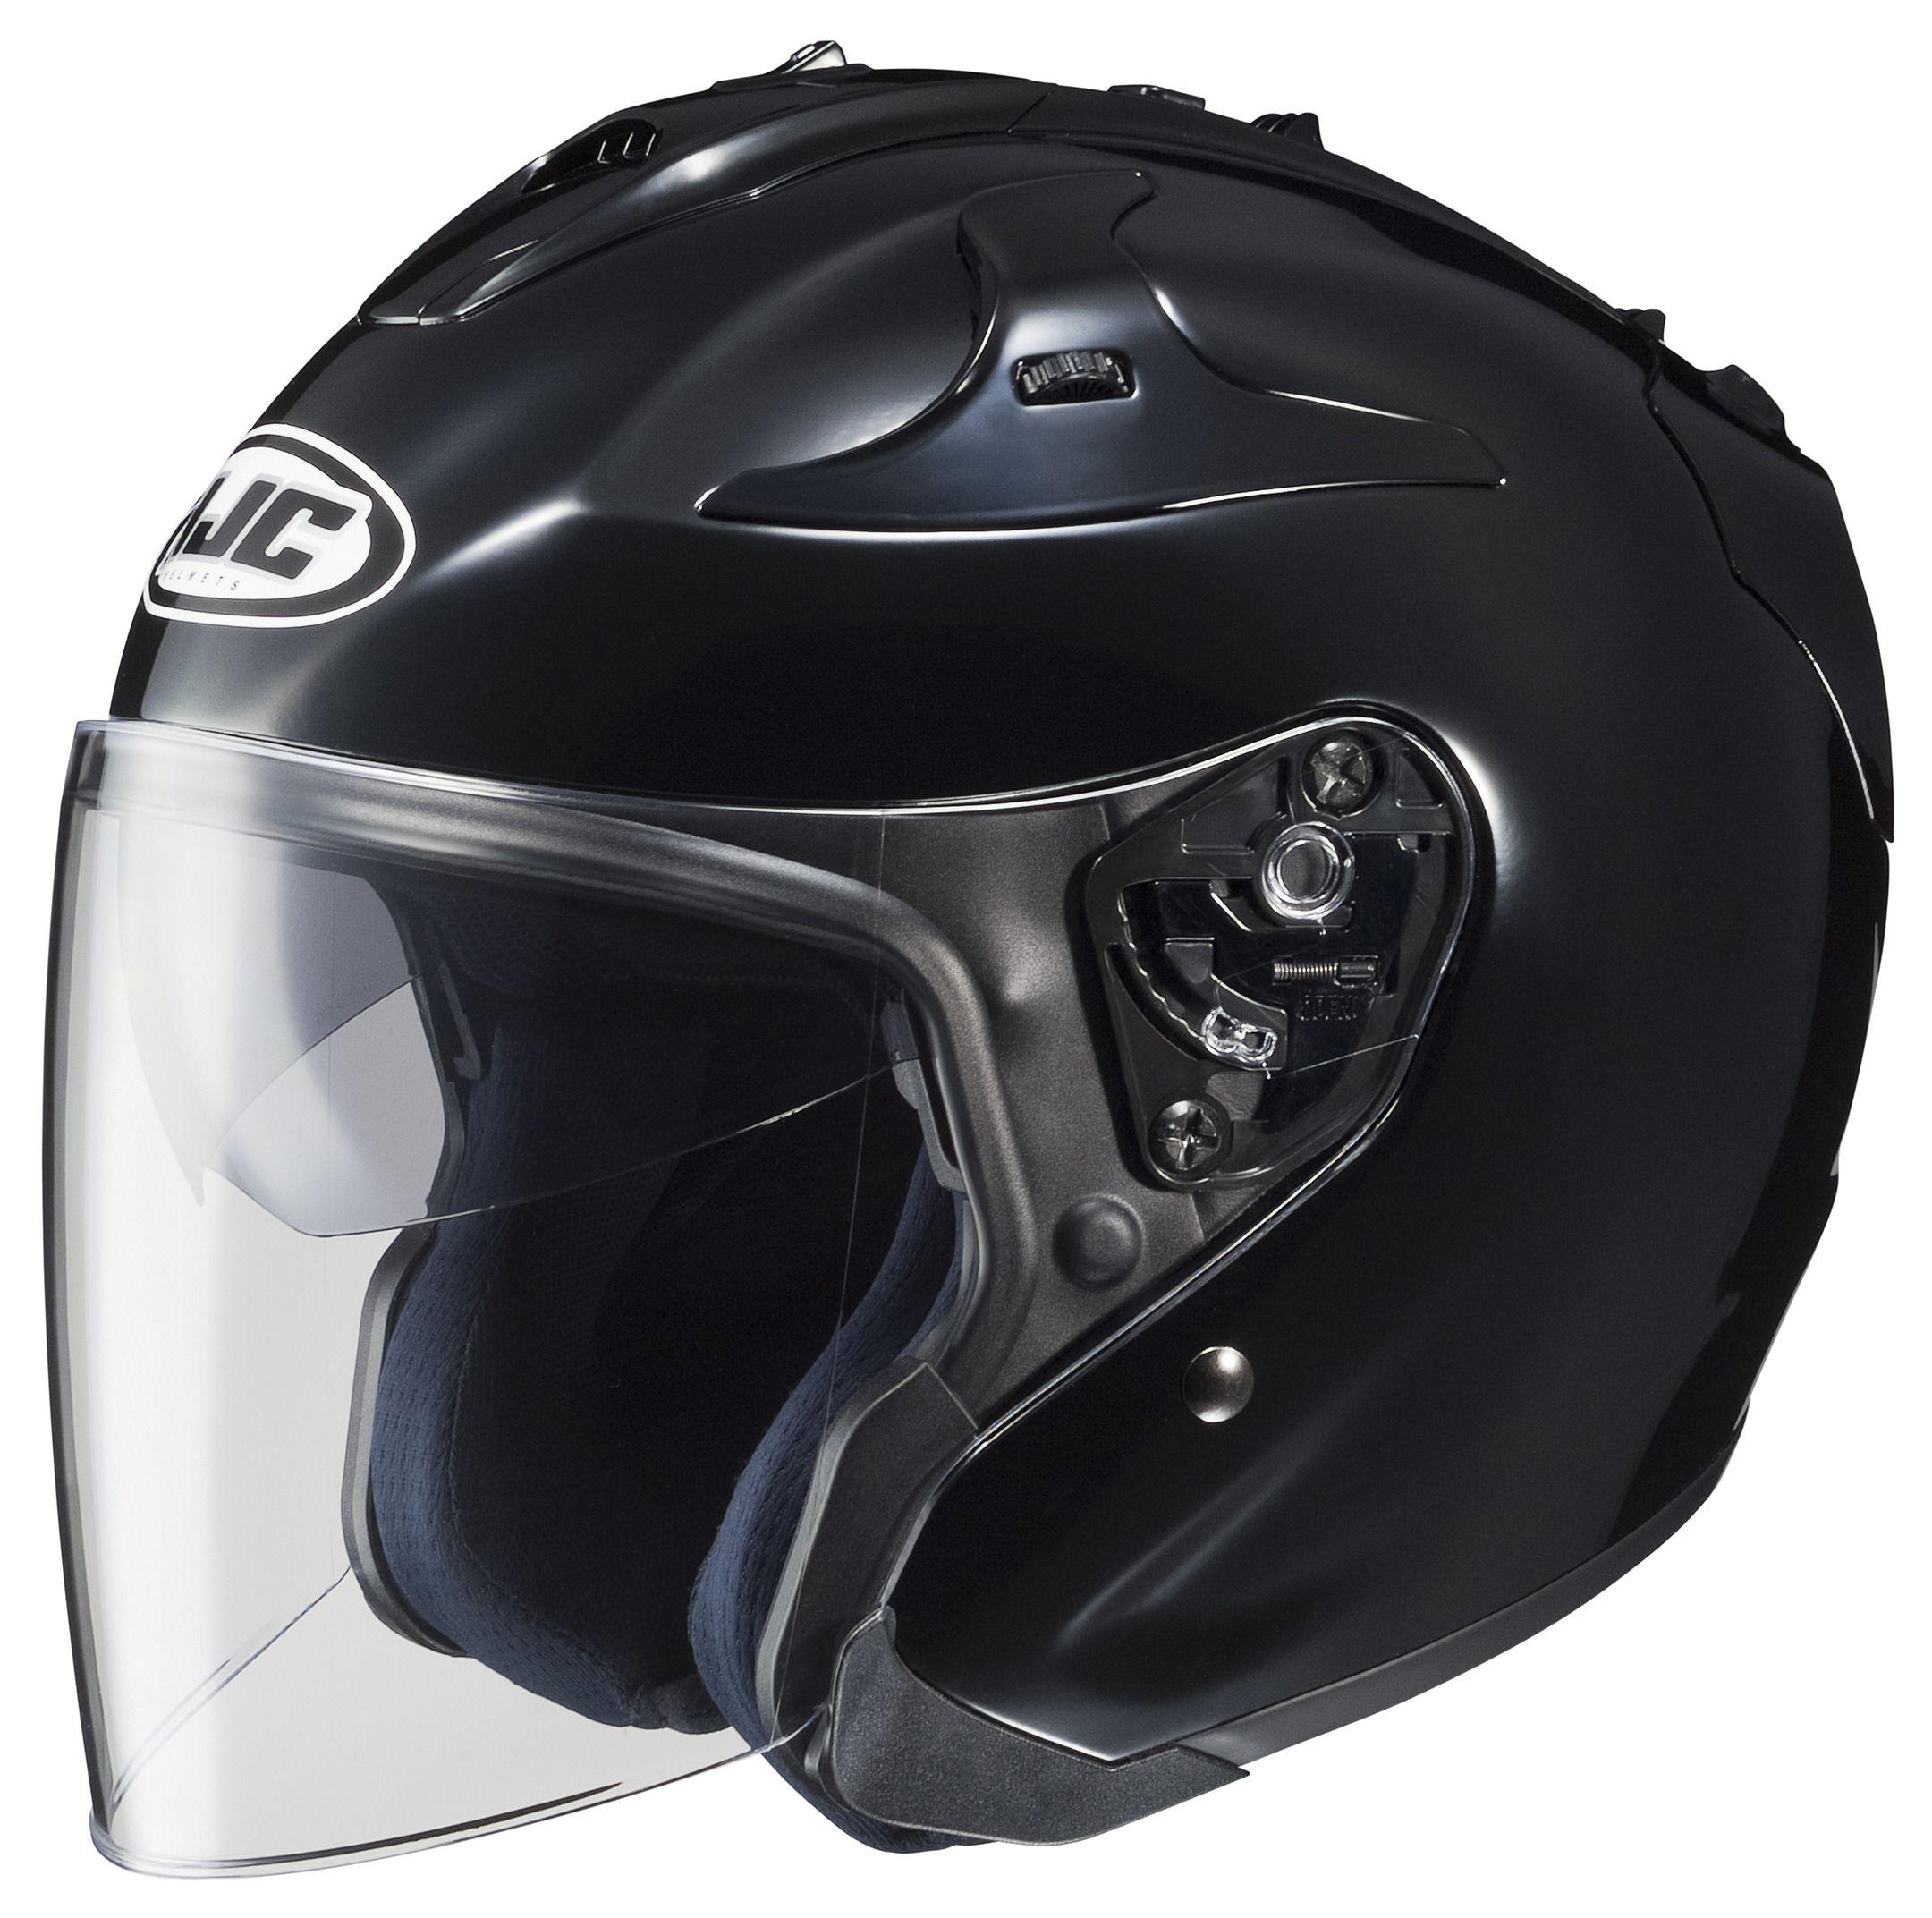 hjc fg jet helmet 10 off revzilla. Black Bedroom Furniture Sets. Home Design Ideas